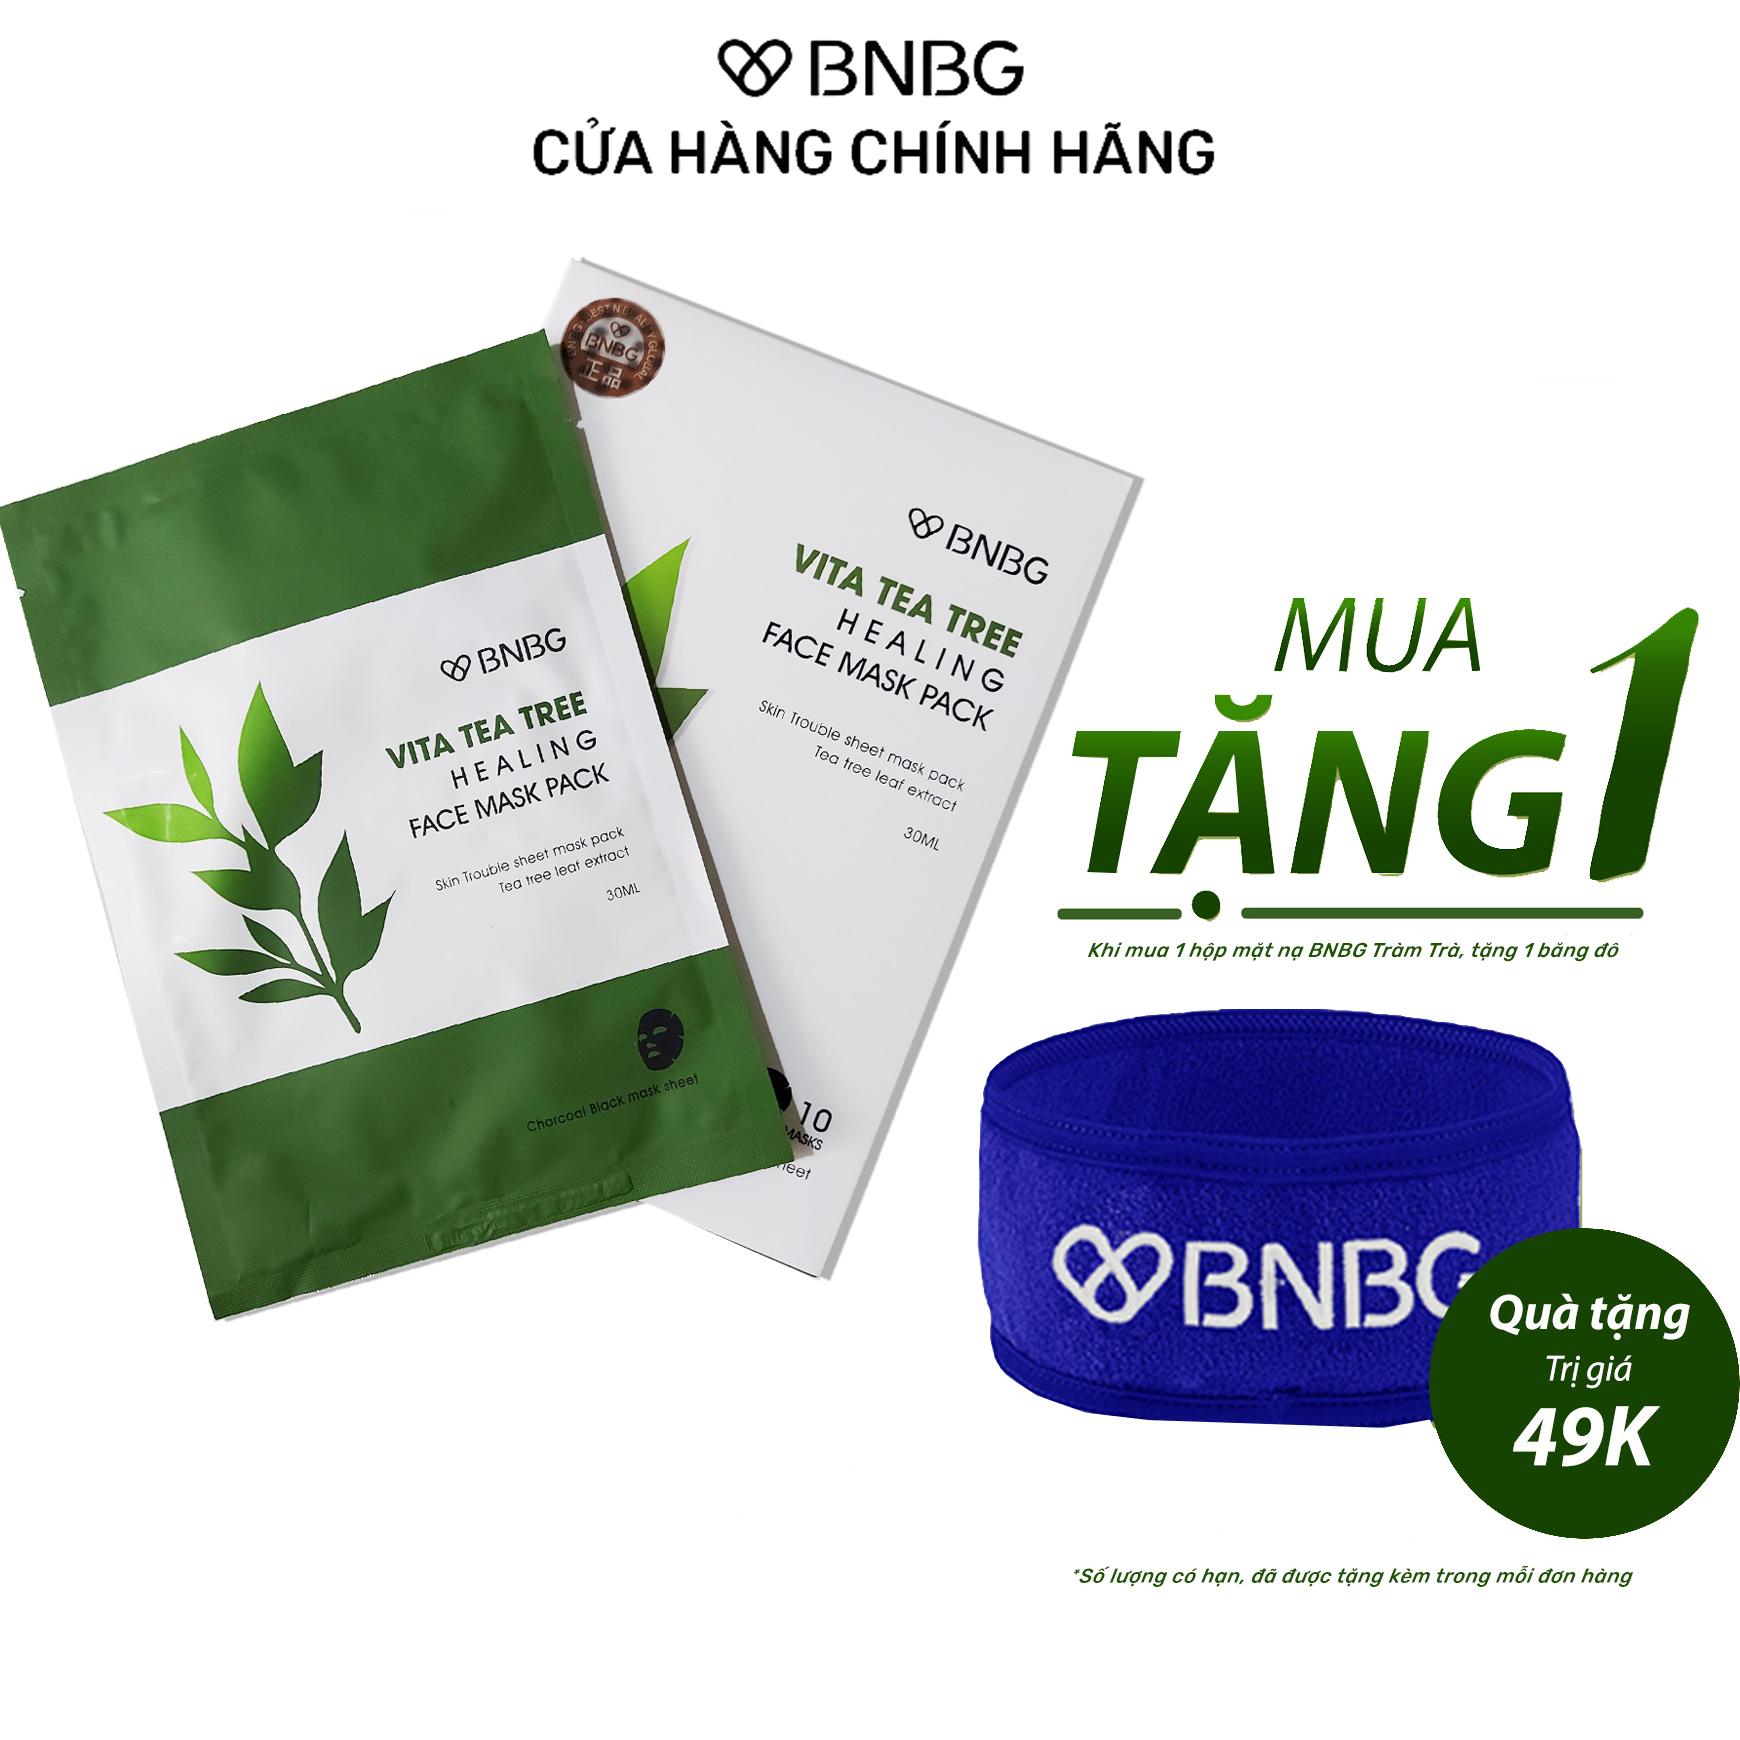 Combo 10 Mặt Nạ BNBG Tràm Trà Thải Độc Da, Giảm Mụn Vita Tea Tree Healing Face Mask Pack 30ml x10 Tặng Kèm 1 Băng Đô